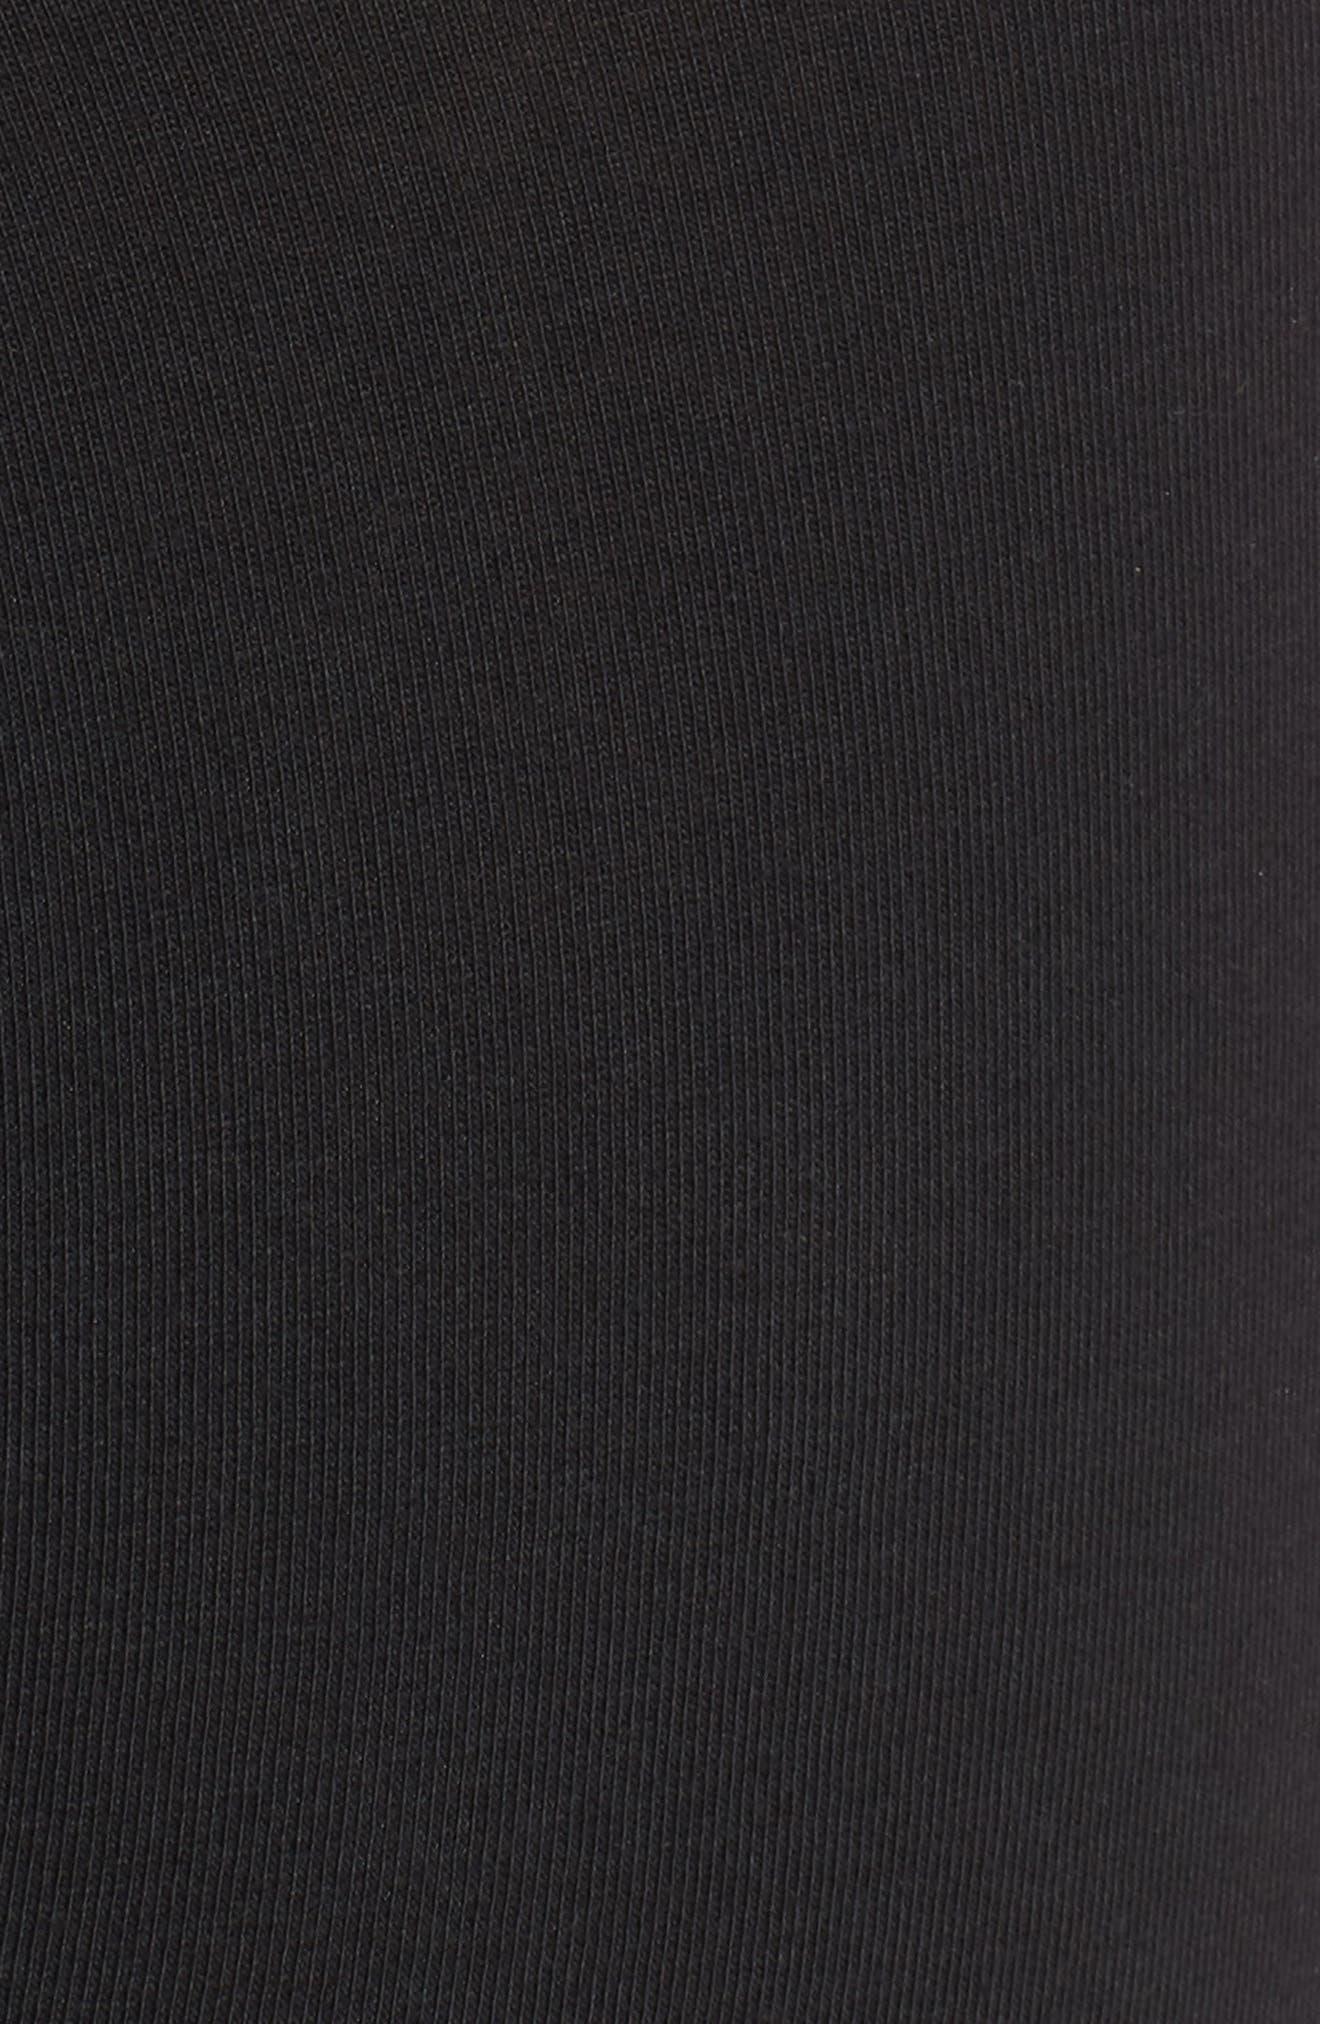 3-Pack Boxer Briefs,                             Alternate thumbnail 6, color,                             BLACK W/ BLUE/ MAGGIE/ VENT